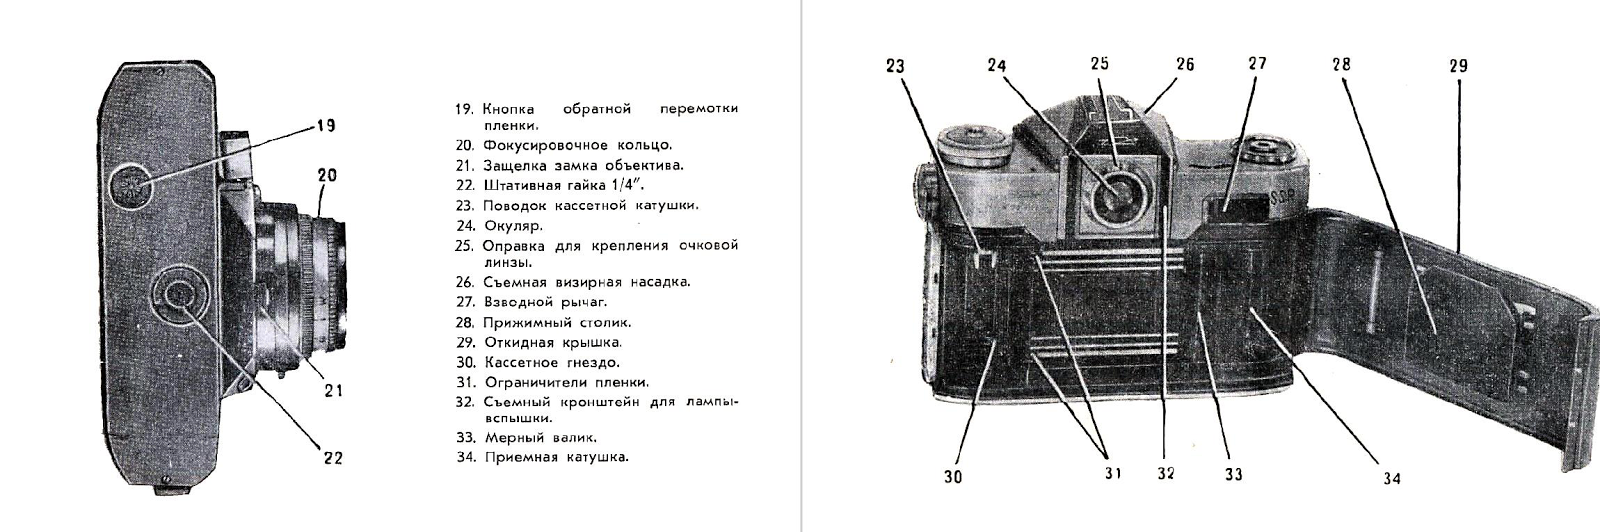 инструкция сменного инженера